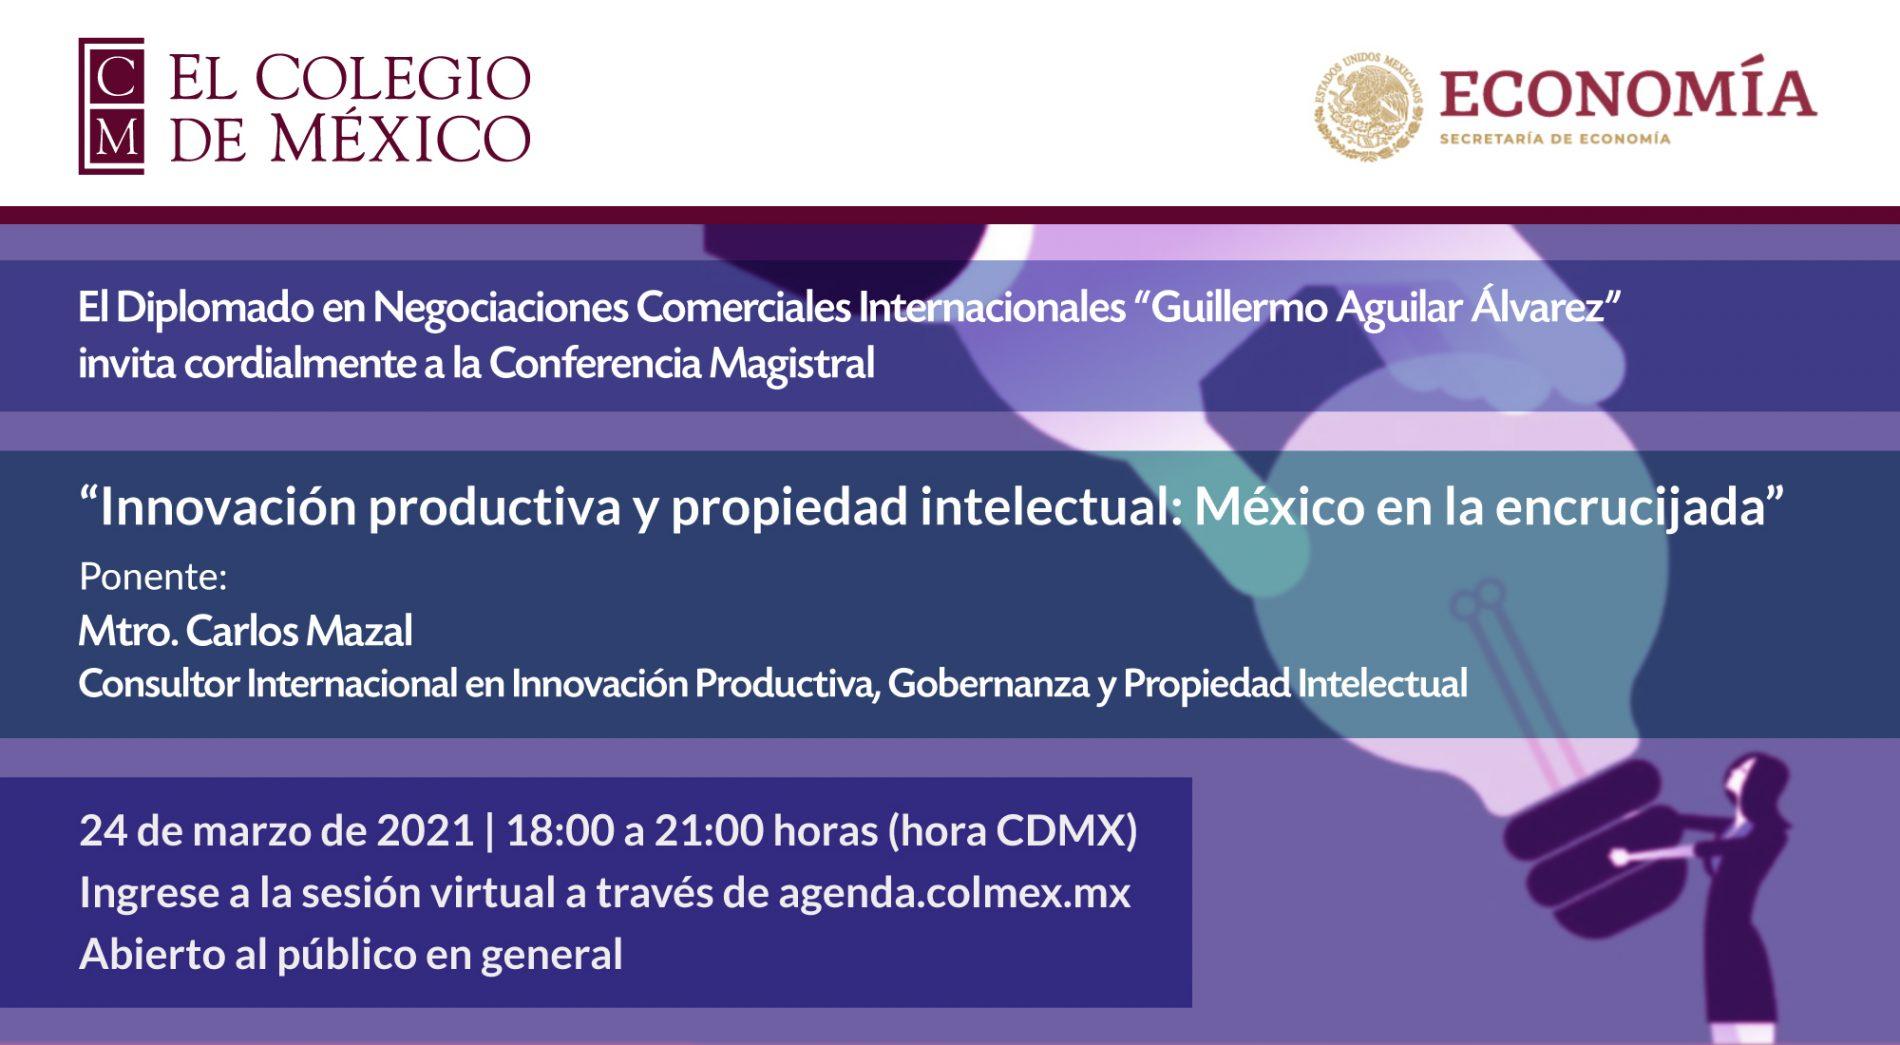 Conferencia Magistral sobre innovación productiva y propiedad intelectual